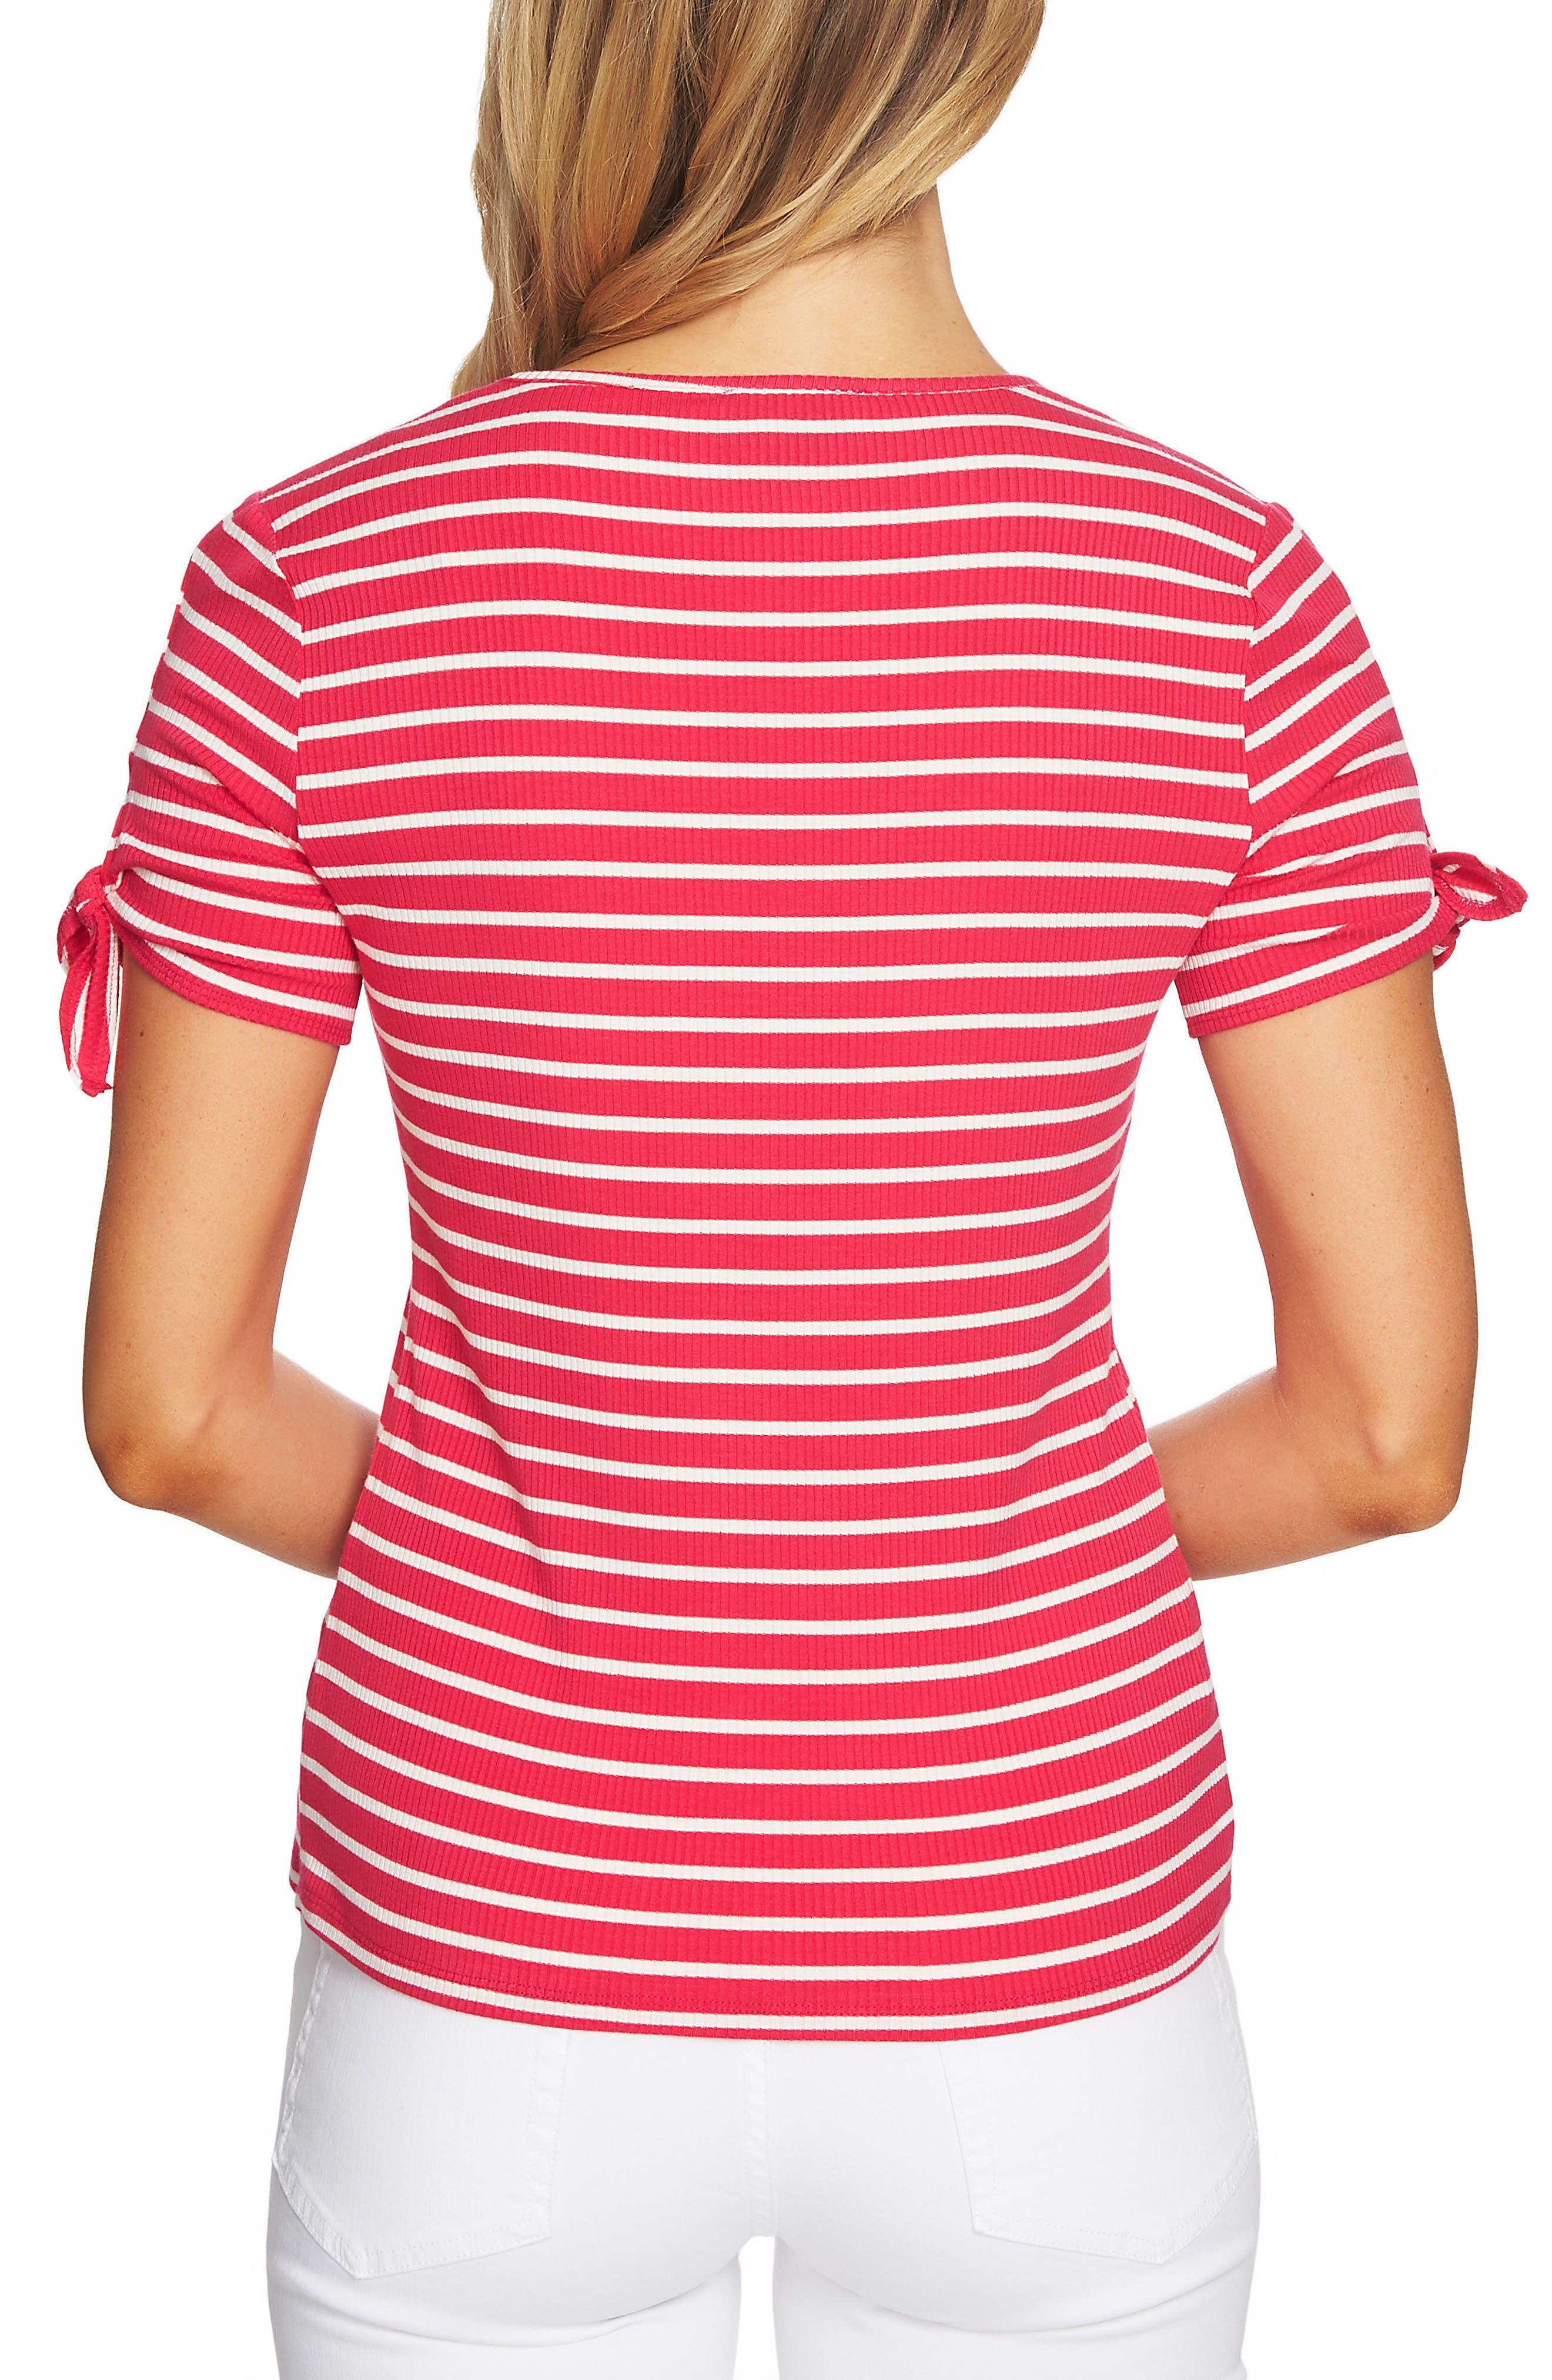 Stripe Rib Knit Top,                             Alternate thumbnail 2, color,                             Viva Pink